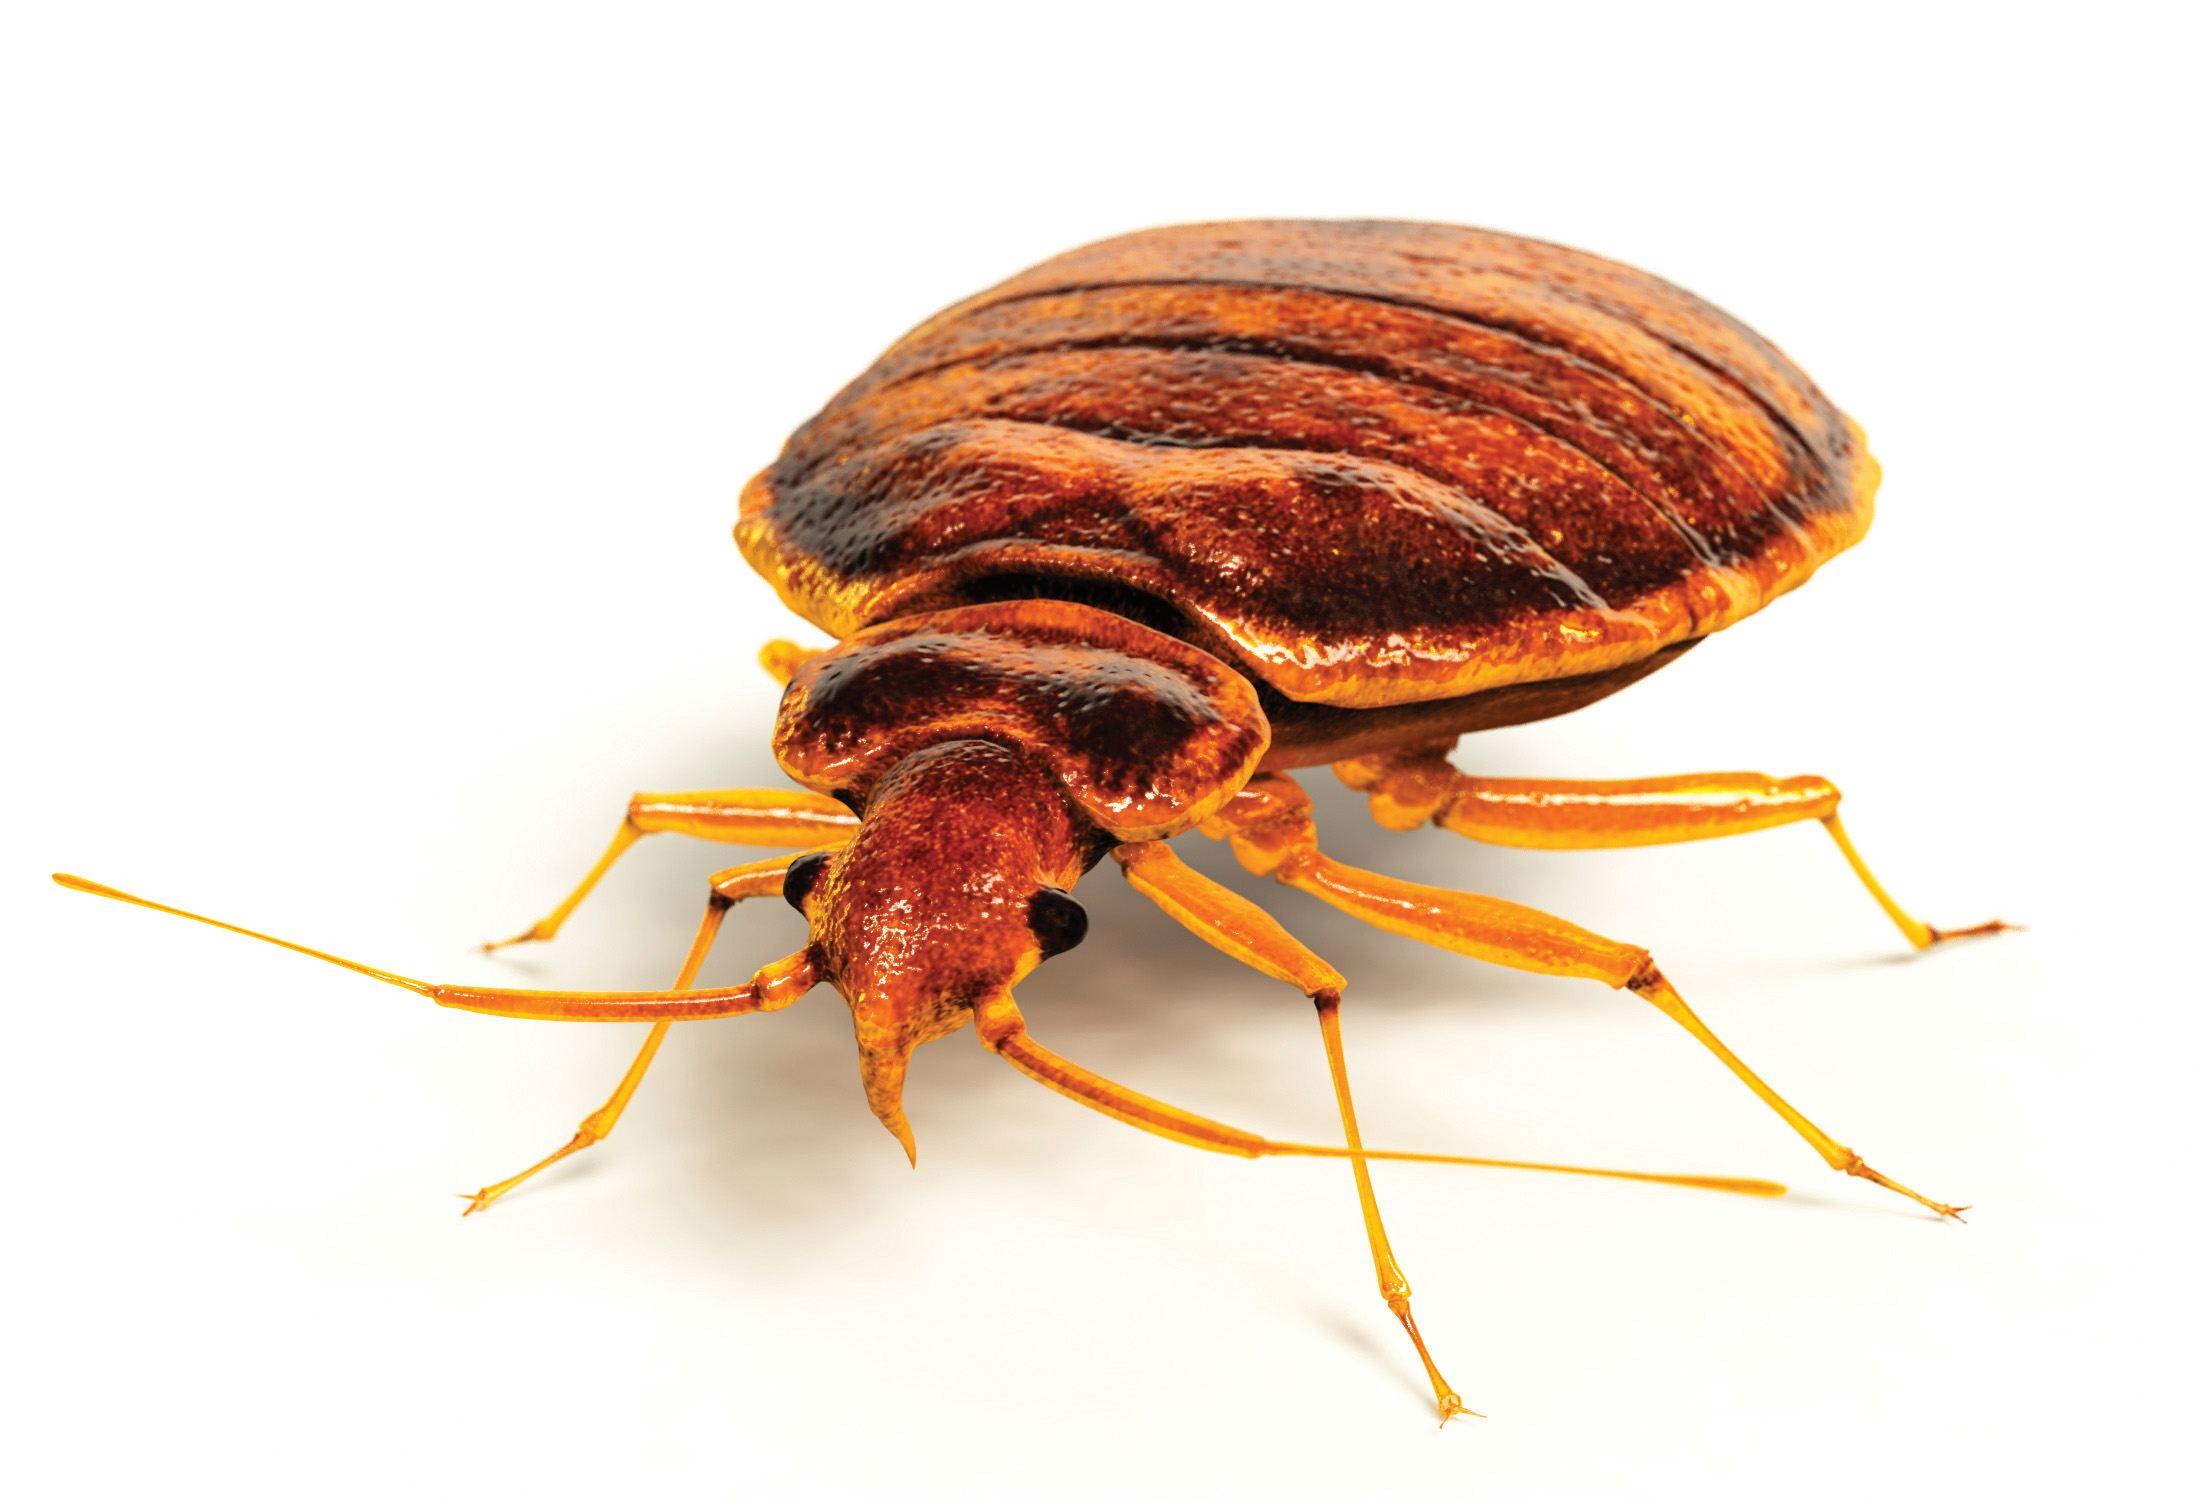 Billeder af væggelus her - Vigtig info om de bidende insekter